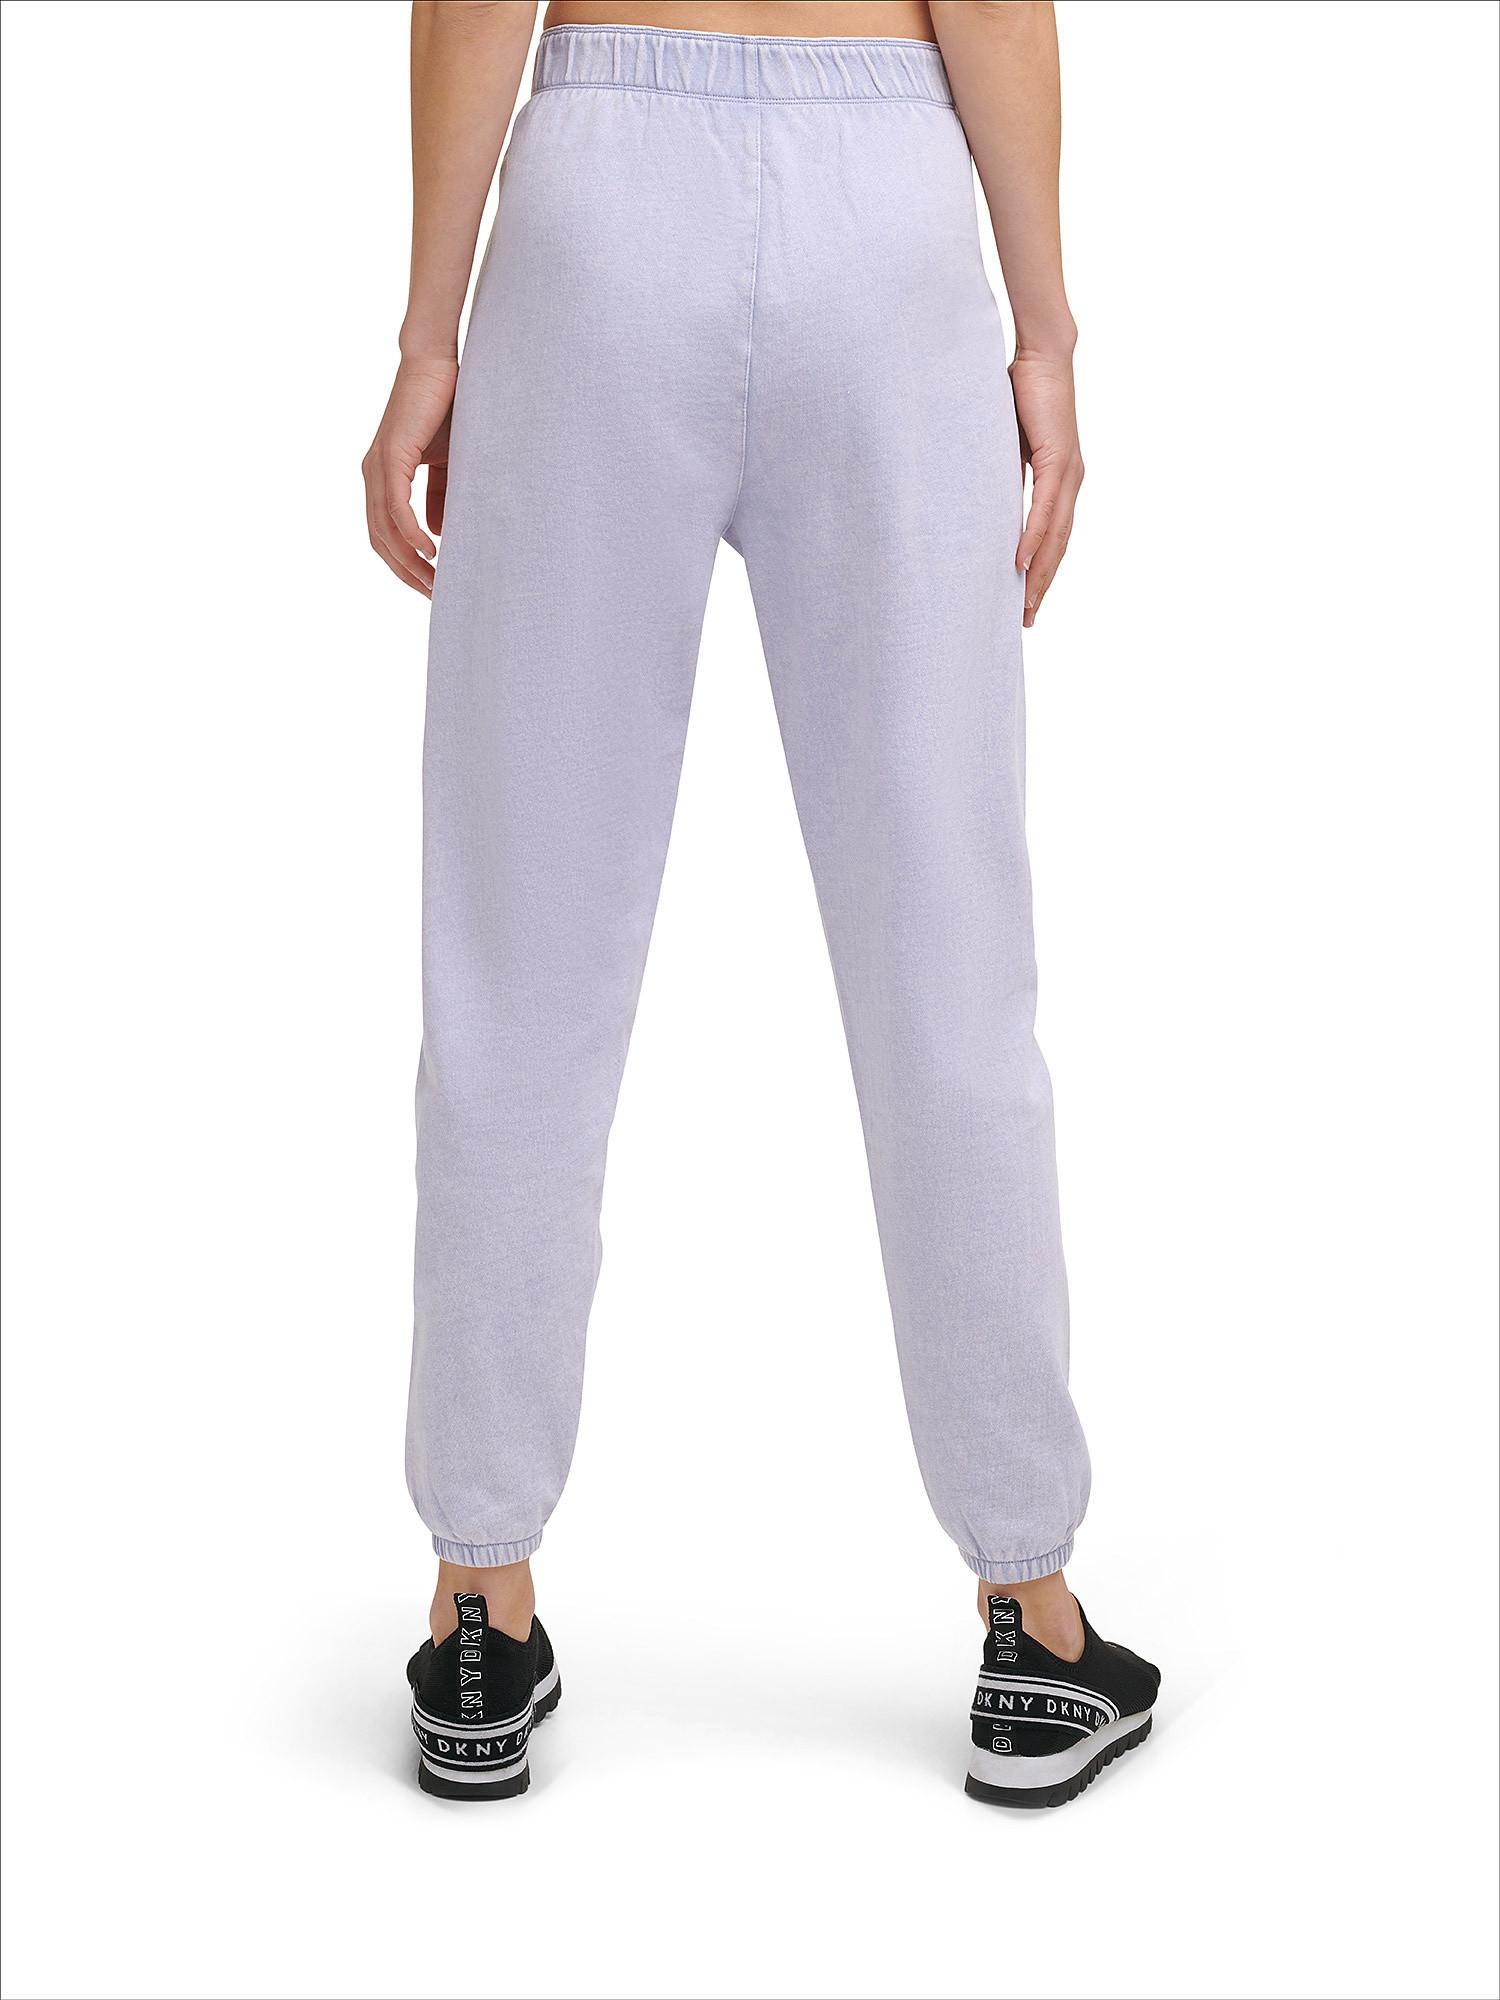 Pantaloni boyfriend acid wash, Azzurro, large image number 4